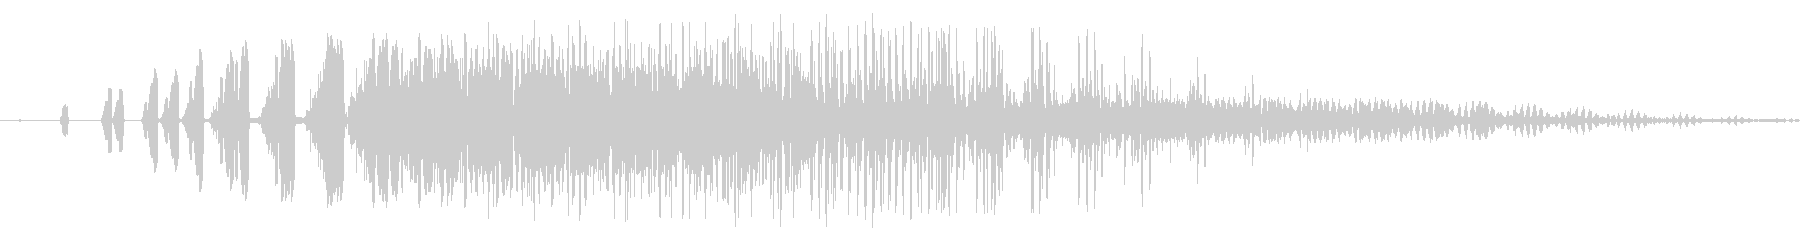 ファミコン風_ 魔法音1の未再生の波形